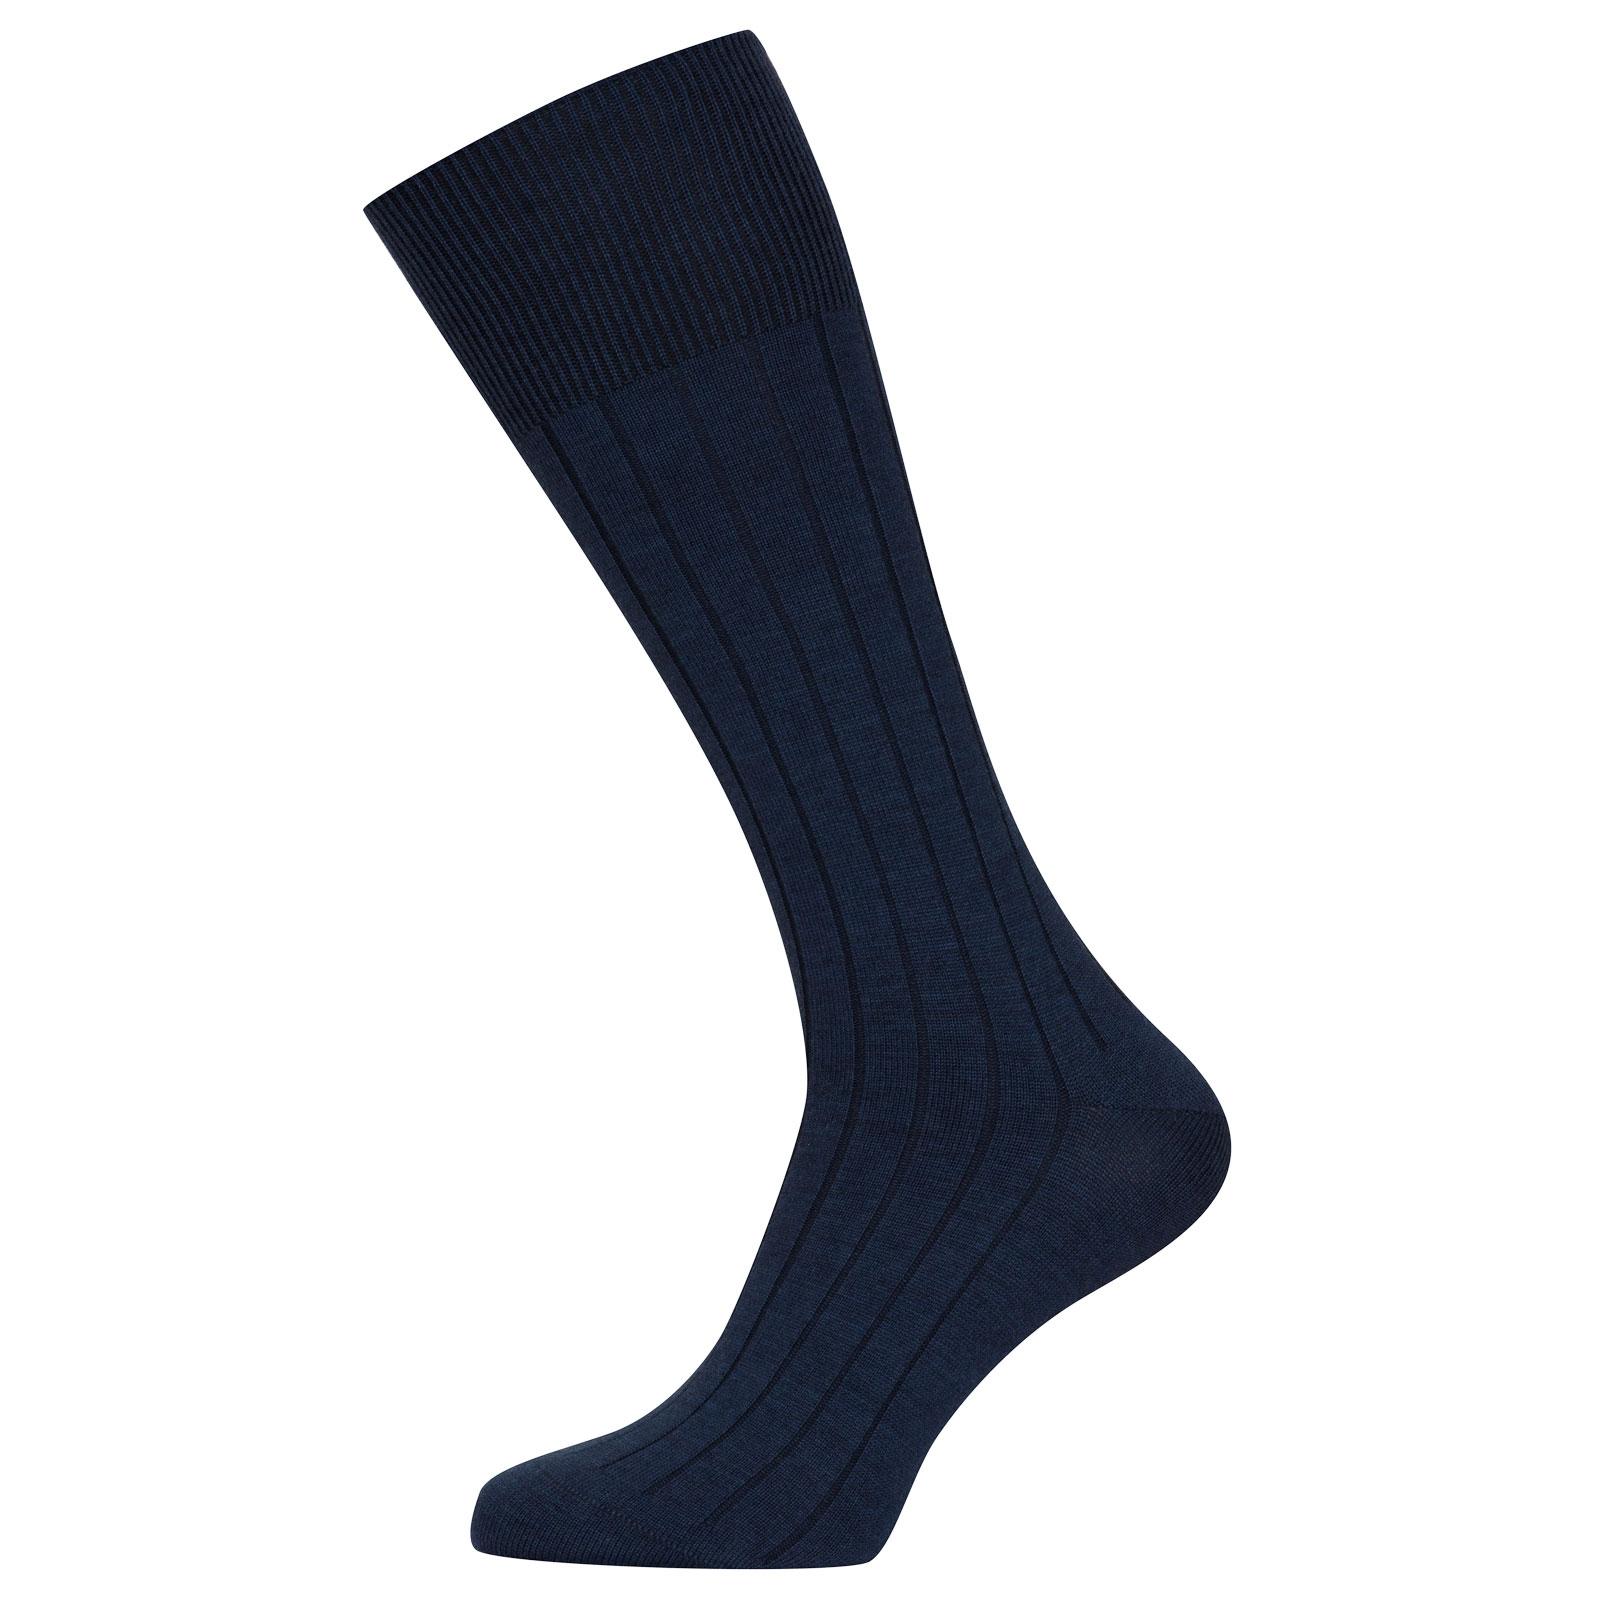 John Smedley Ebury in Indigo Socks-S/M